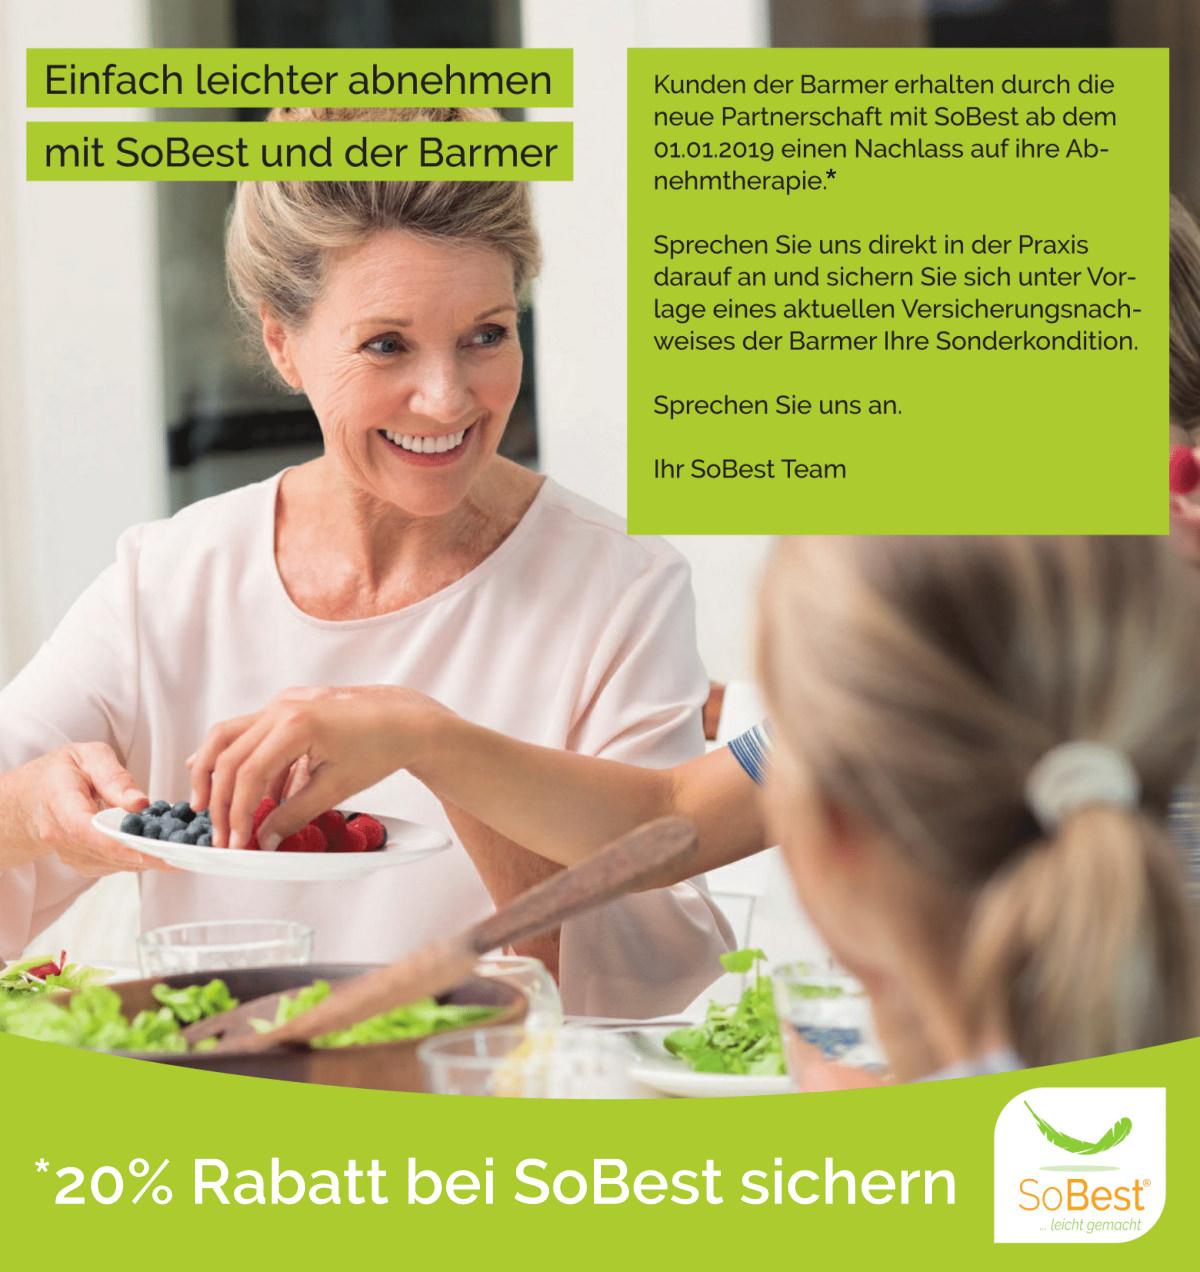 20% Rabatt bei SoBest für Barmer Kunden